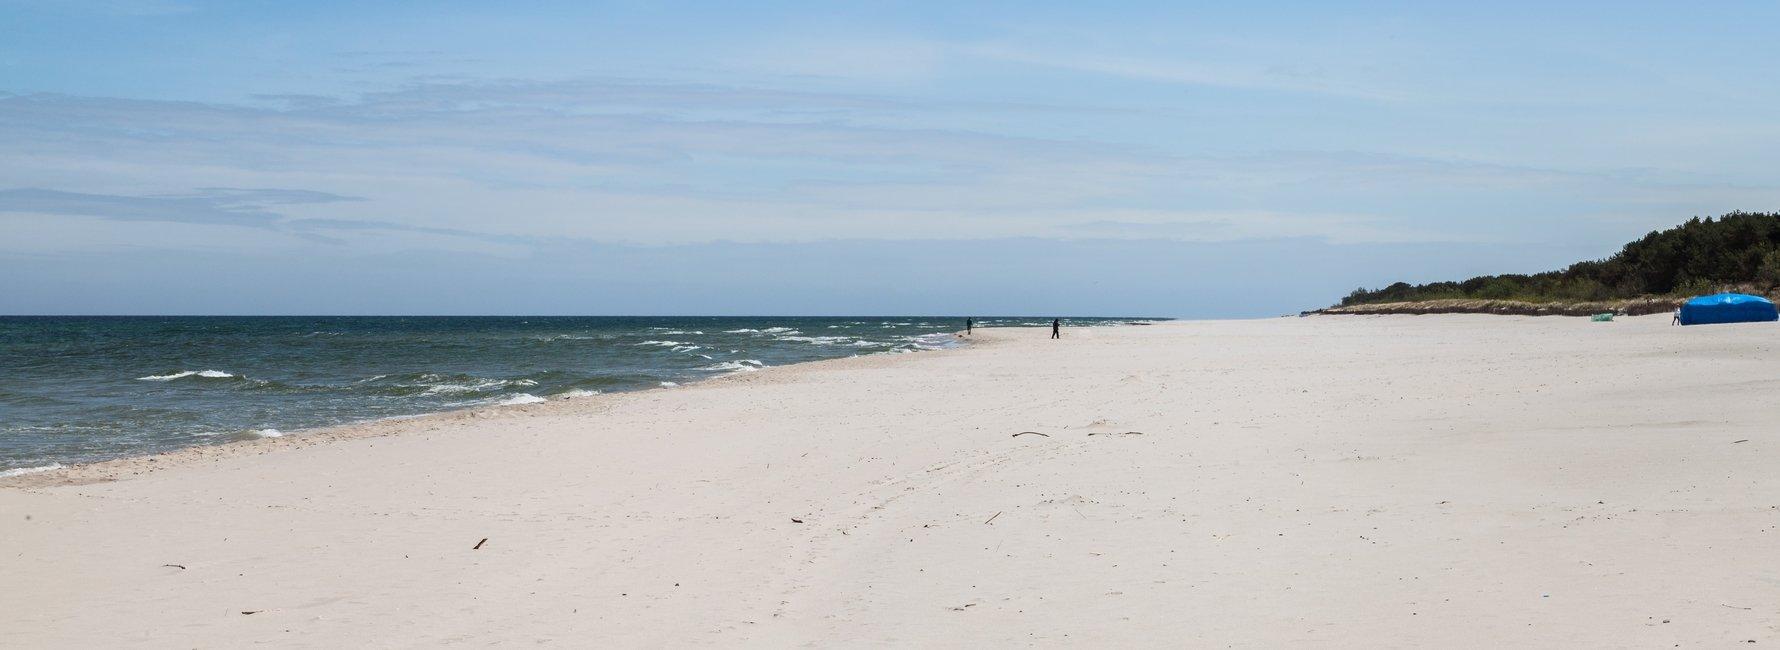 Jurata Beach, Hel Peninsula, Pomerania